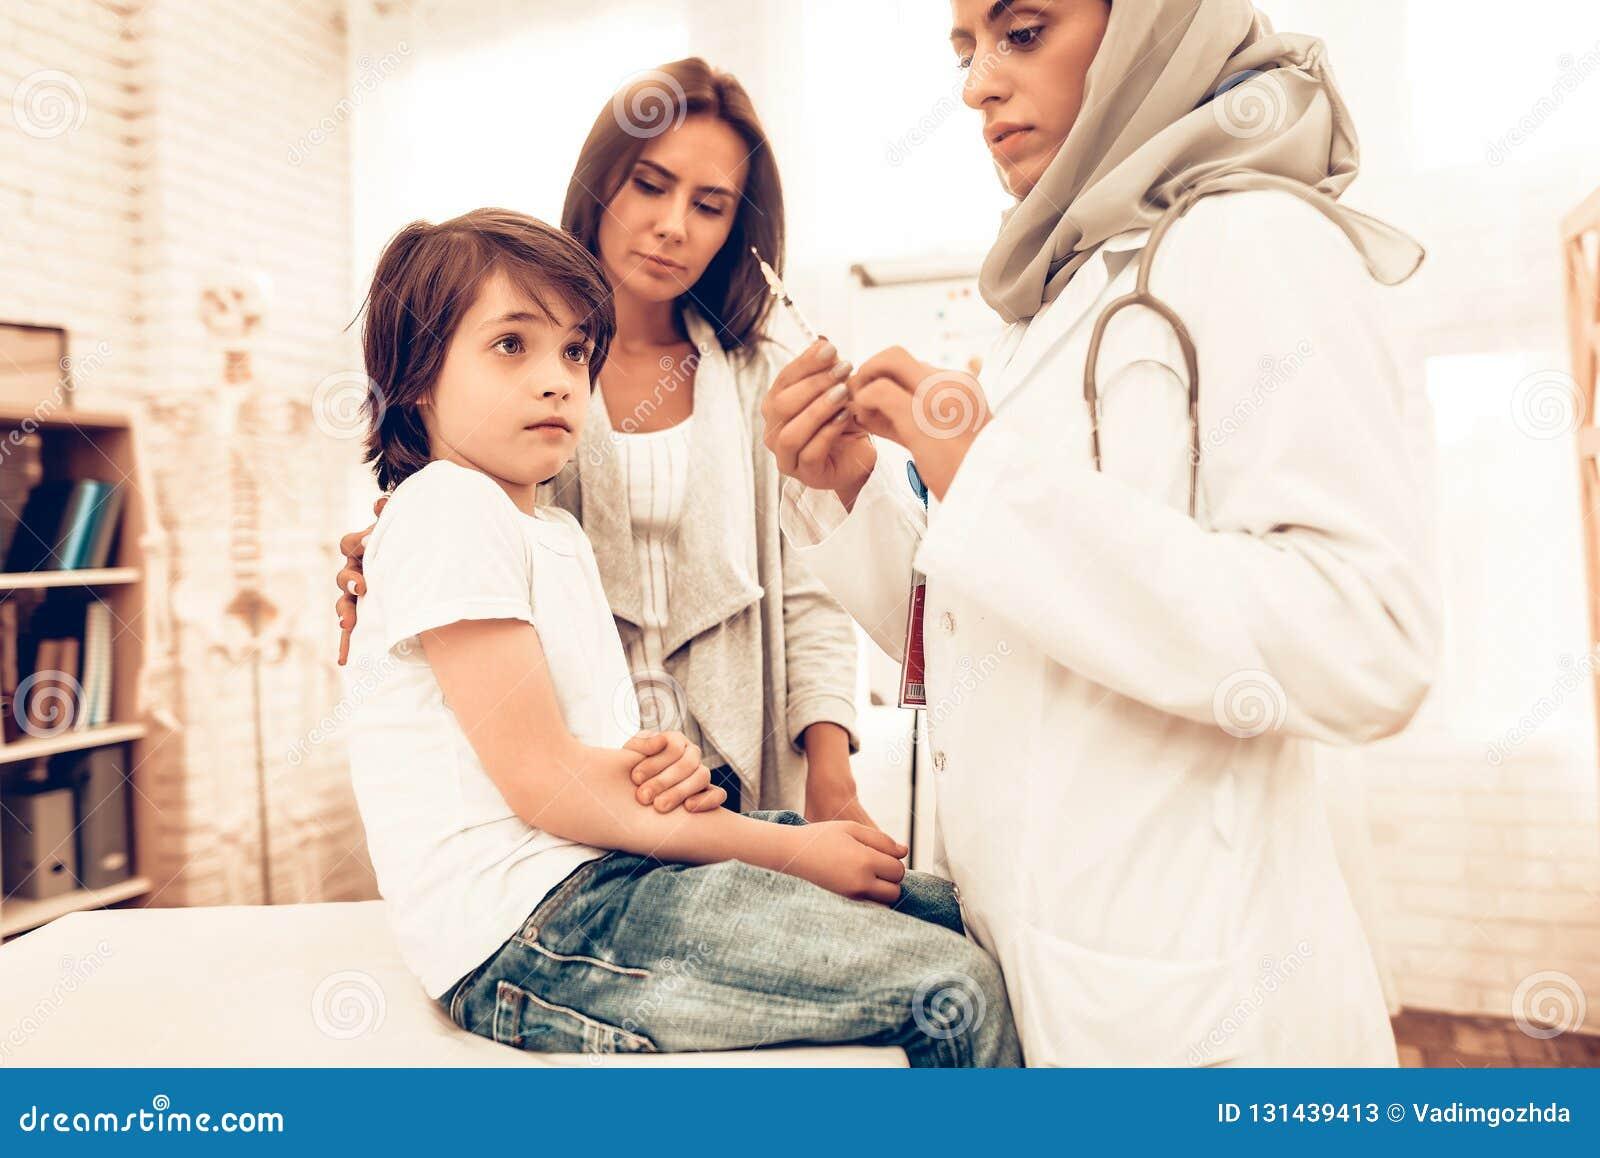 Doutor fêmea árabe Hold Syringe com injeção